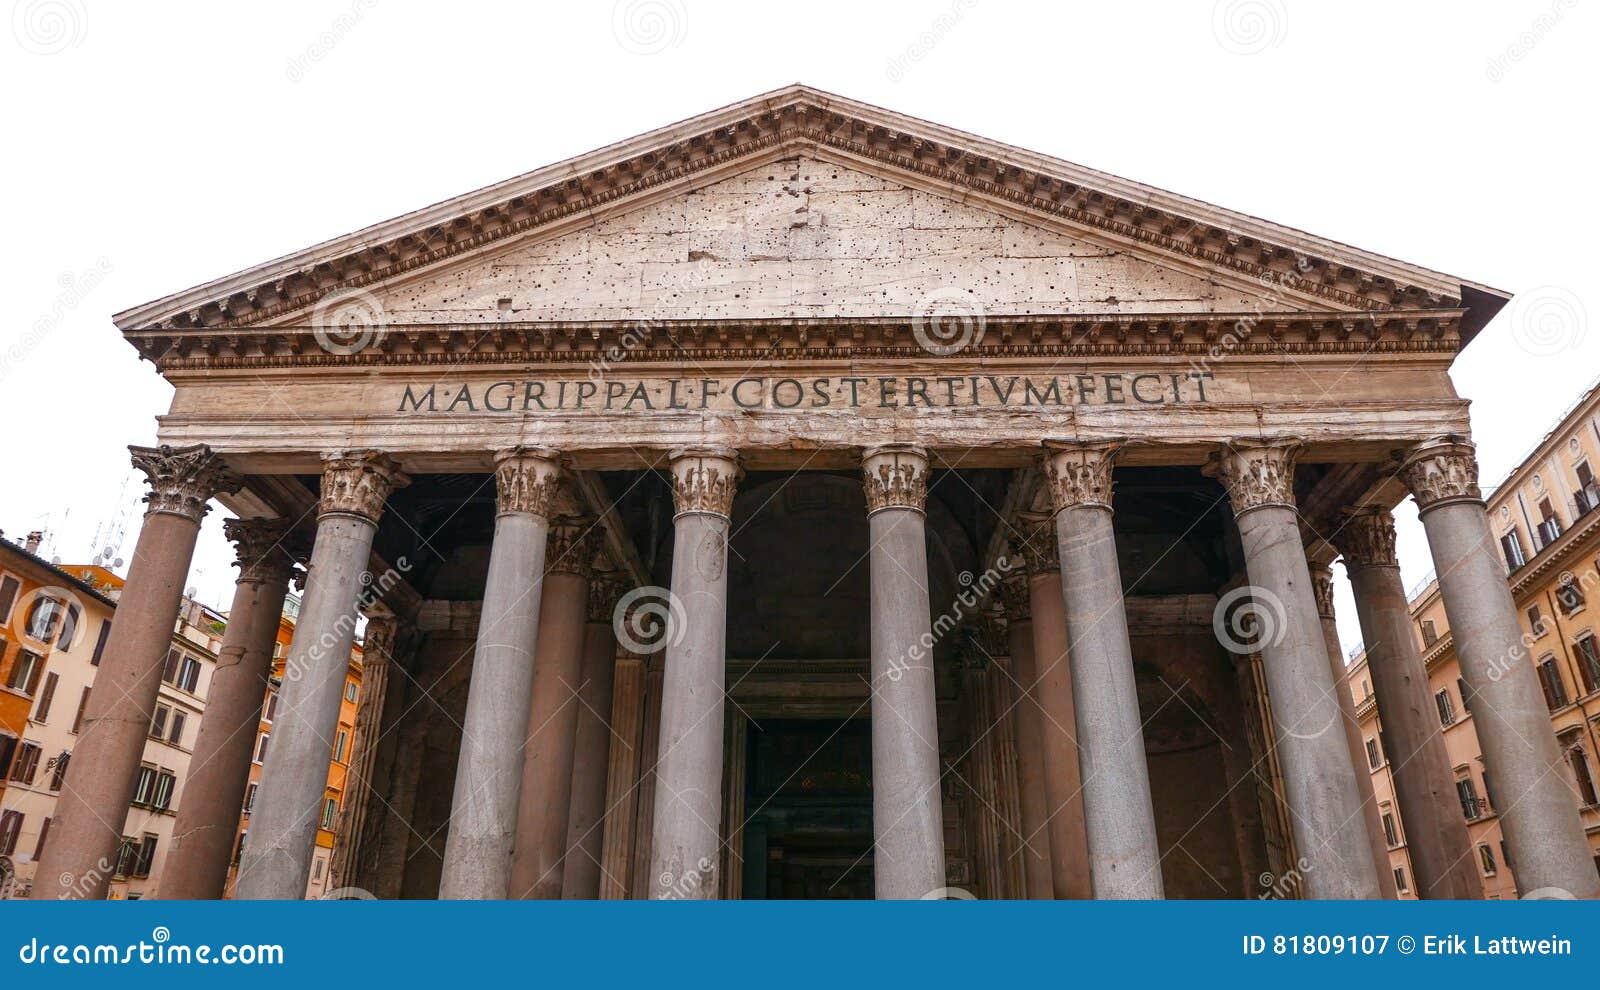 La costruzione impressionante del panteon nel centro storico di Roma